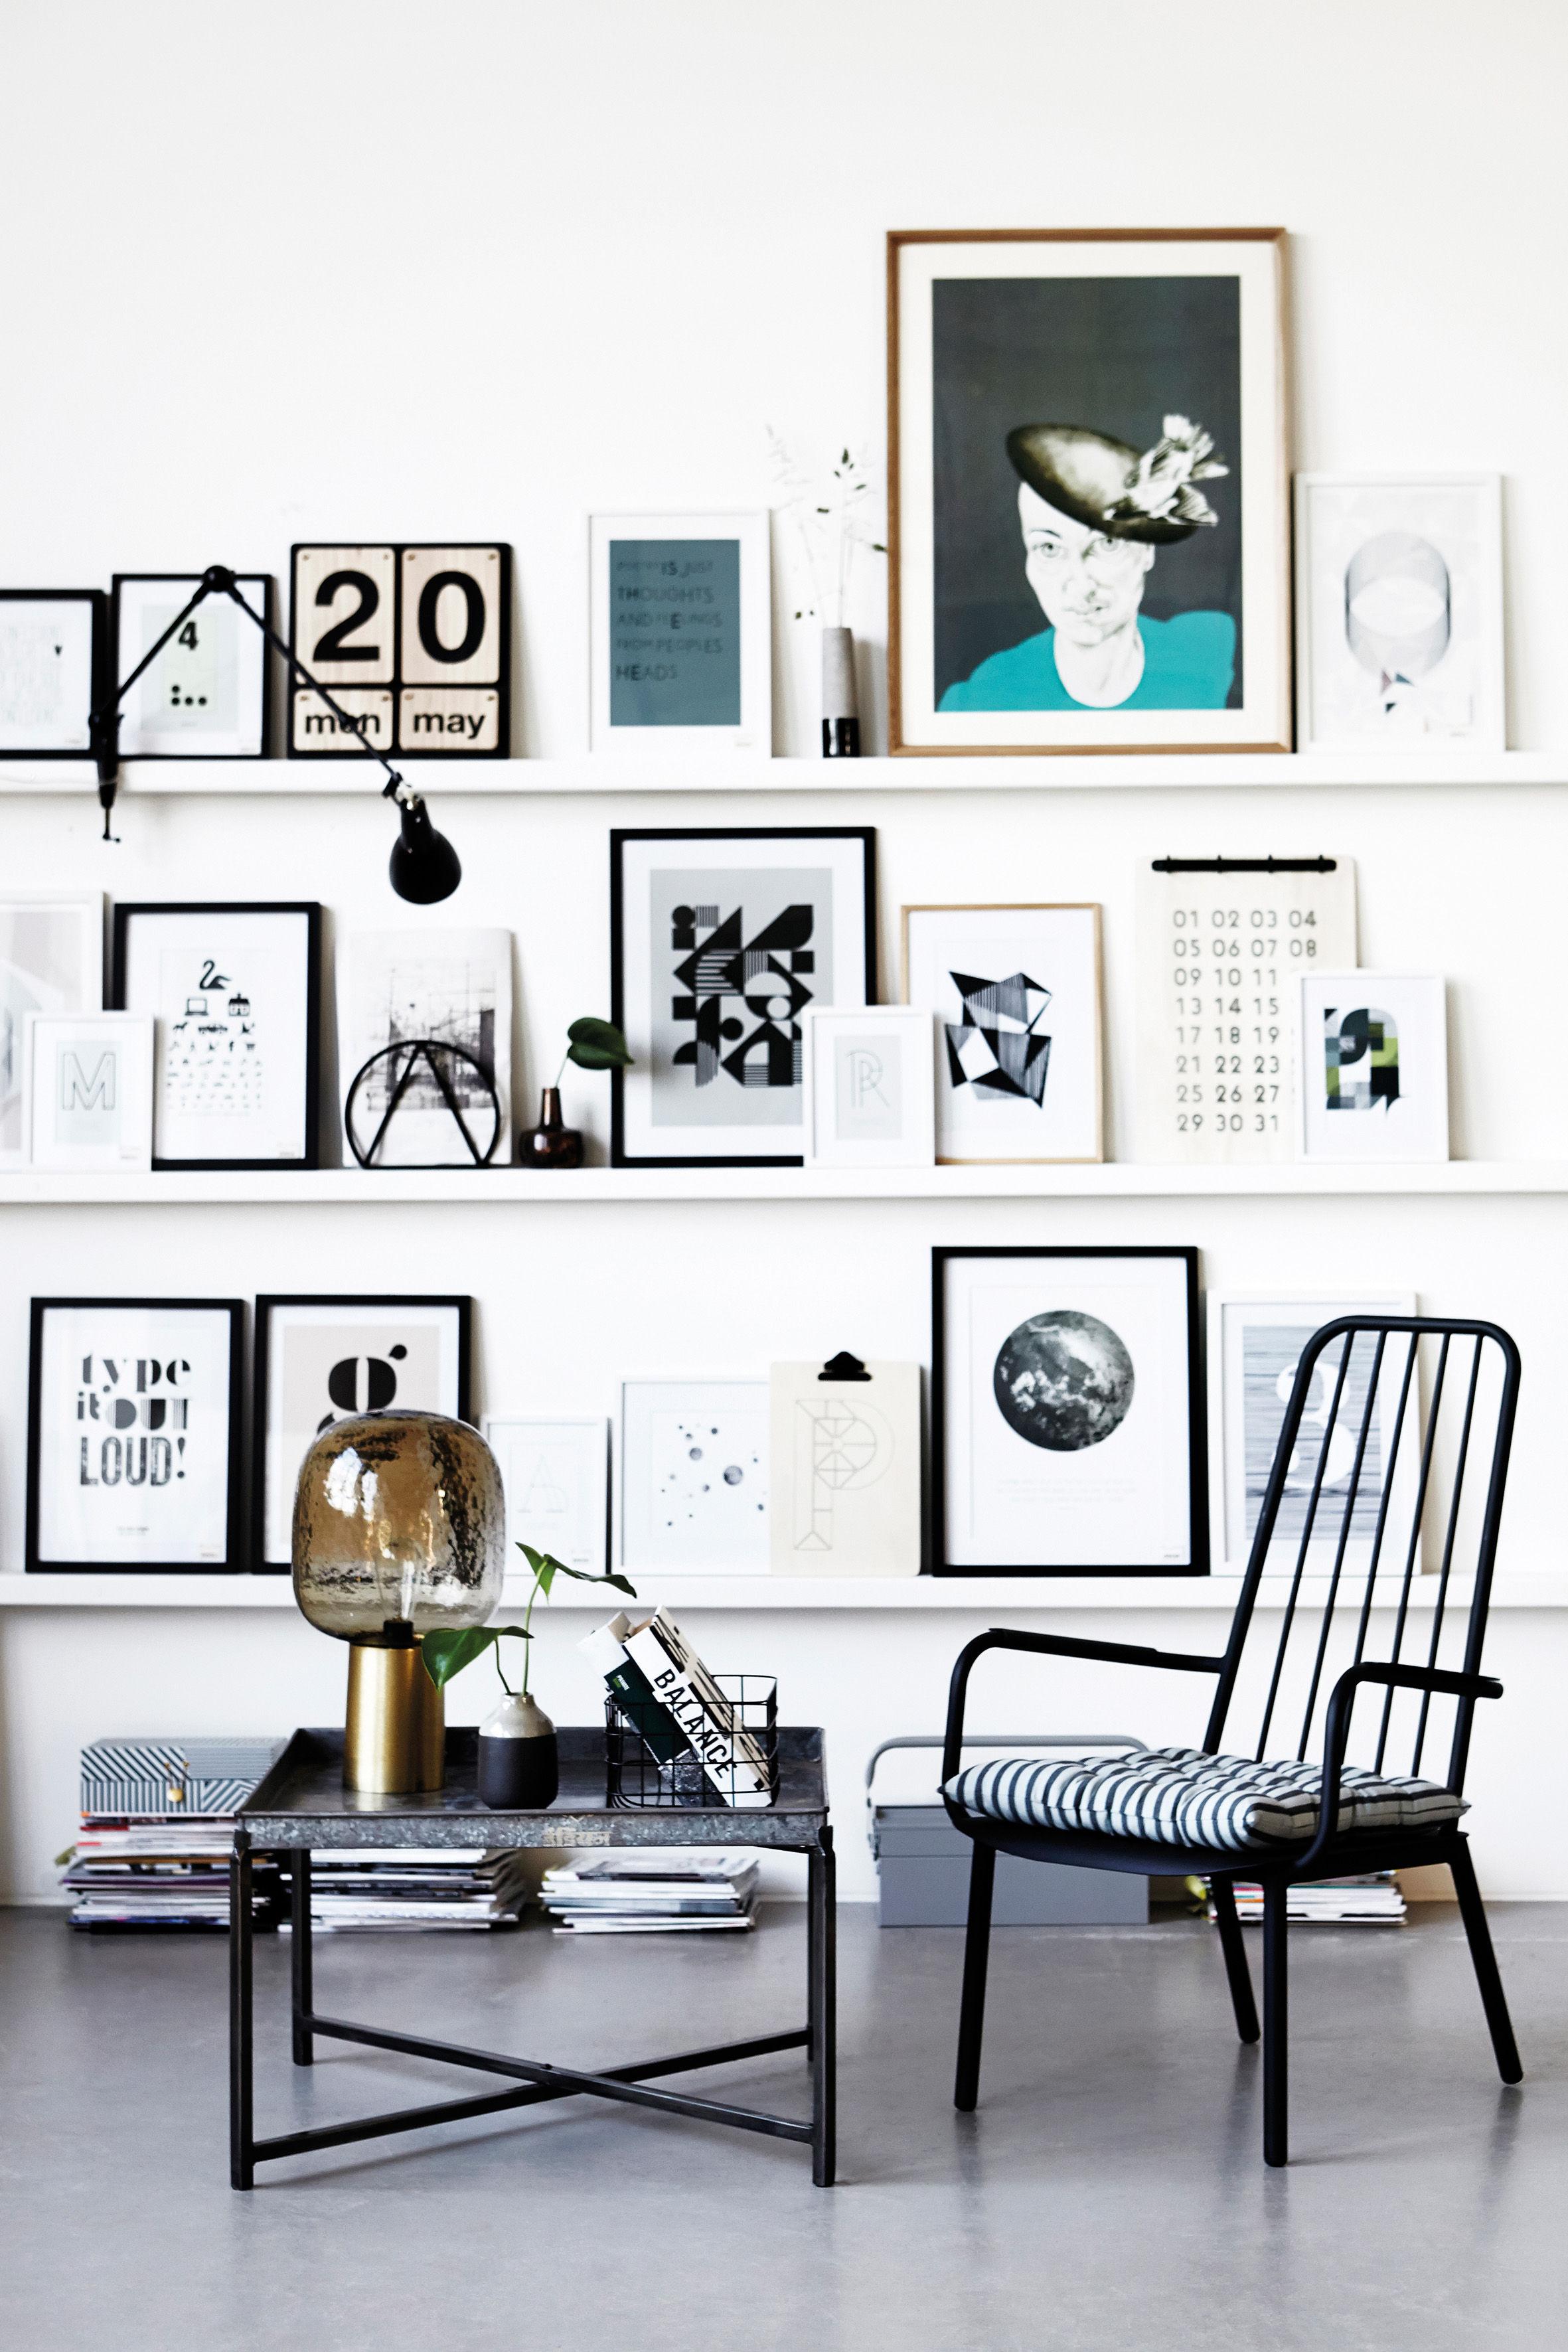 lightyear zum aufh ngen holz house doctor ewiger kalender. Black Bedroom Furniture Sets. Home Design Ideas